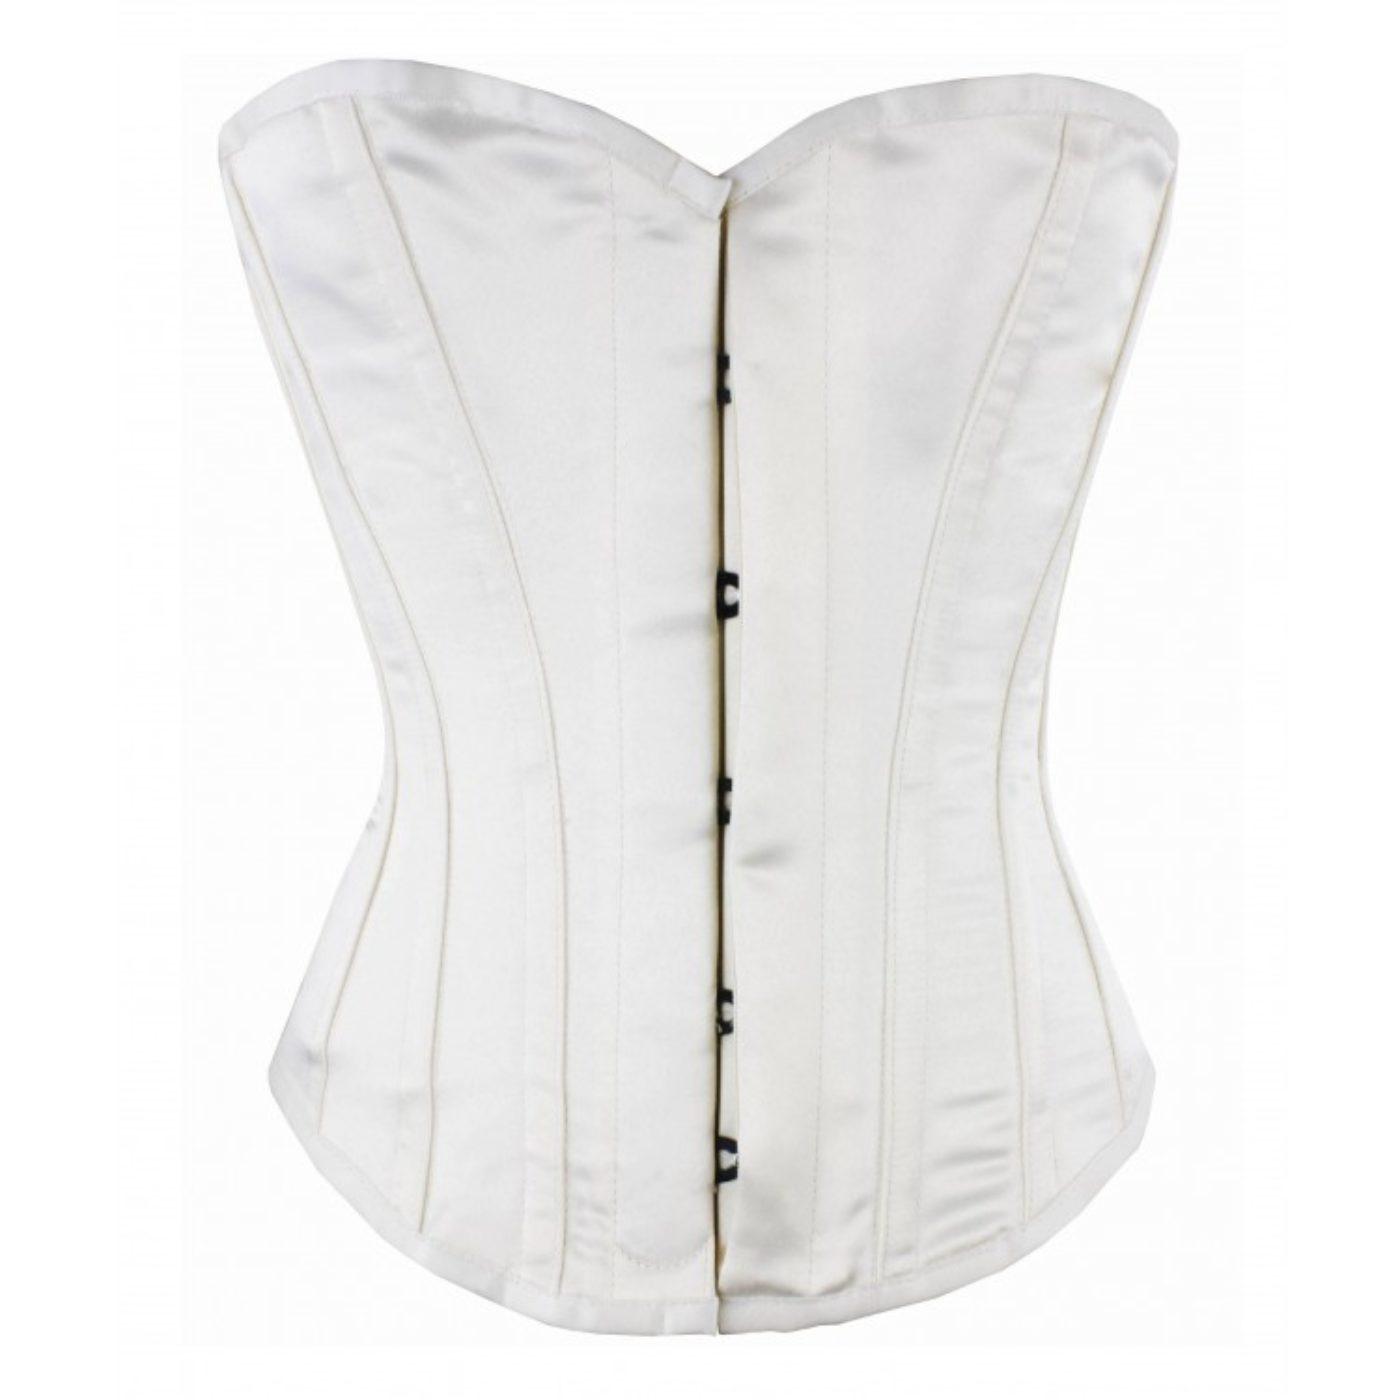 Wedding corset voller steel boned made in England